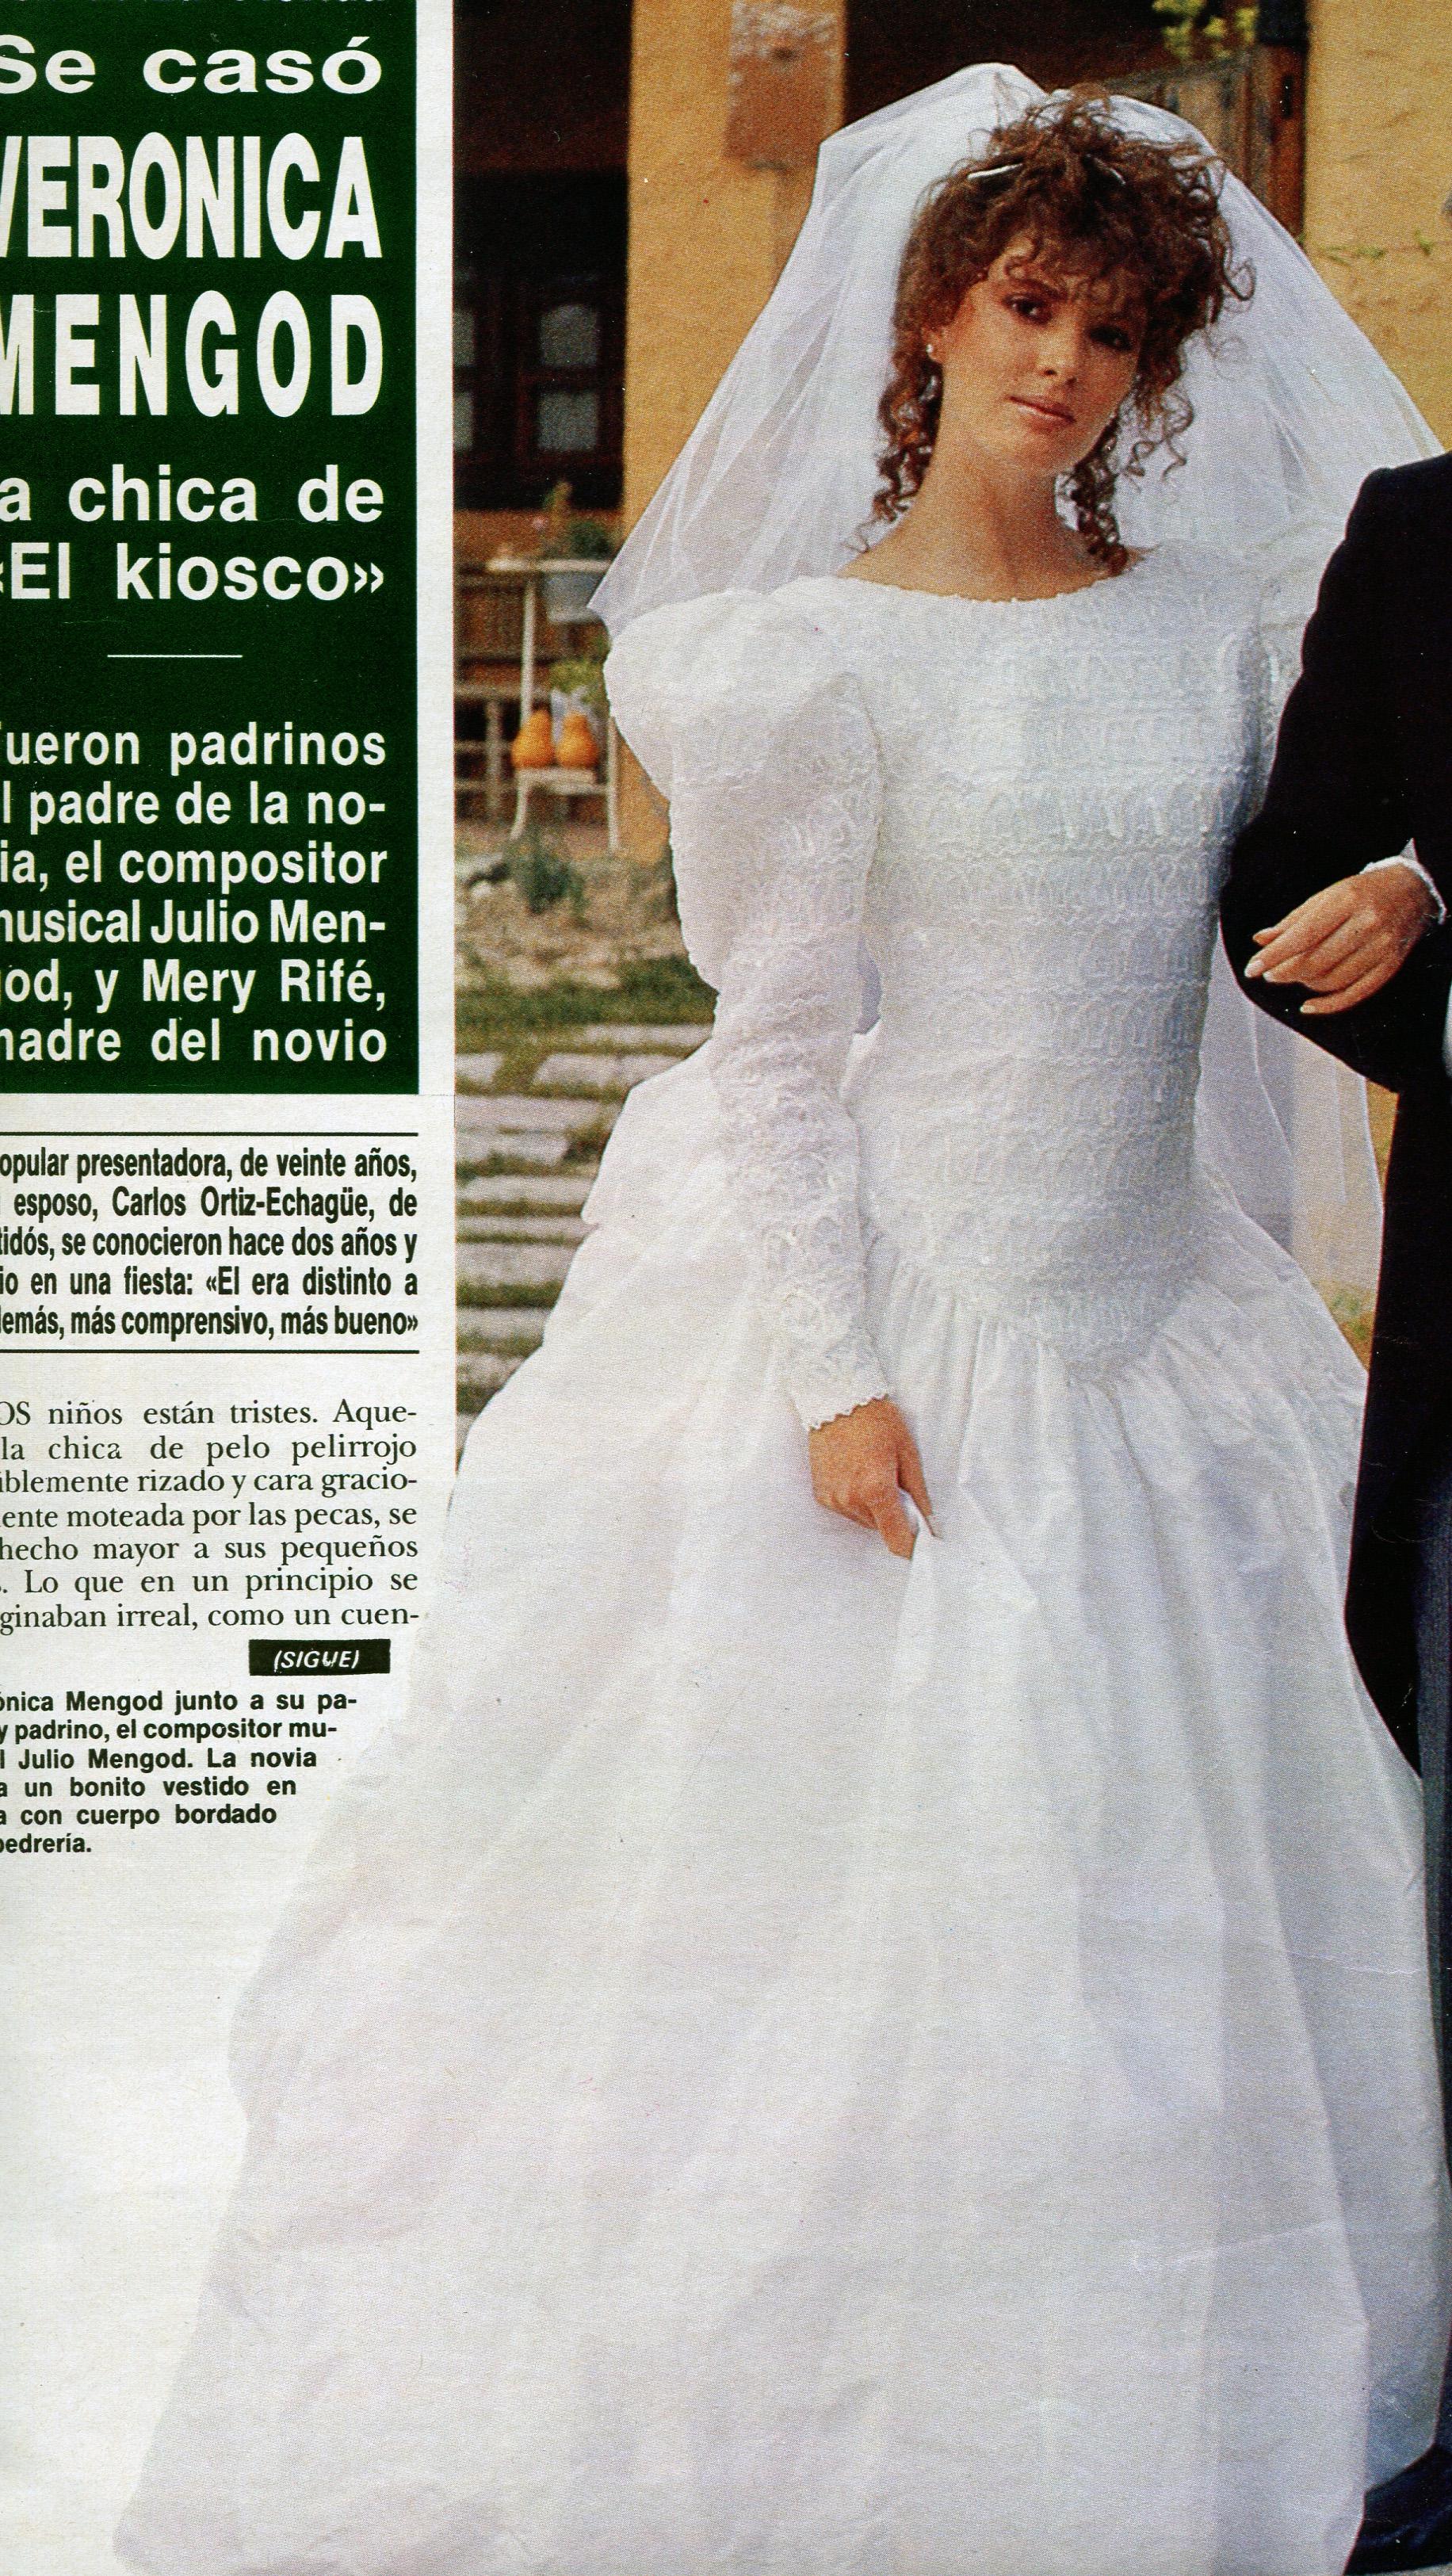 Feos De Novia Vestidos 35 El FamosasPágina Cotilleando fyb6g7